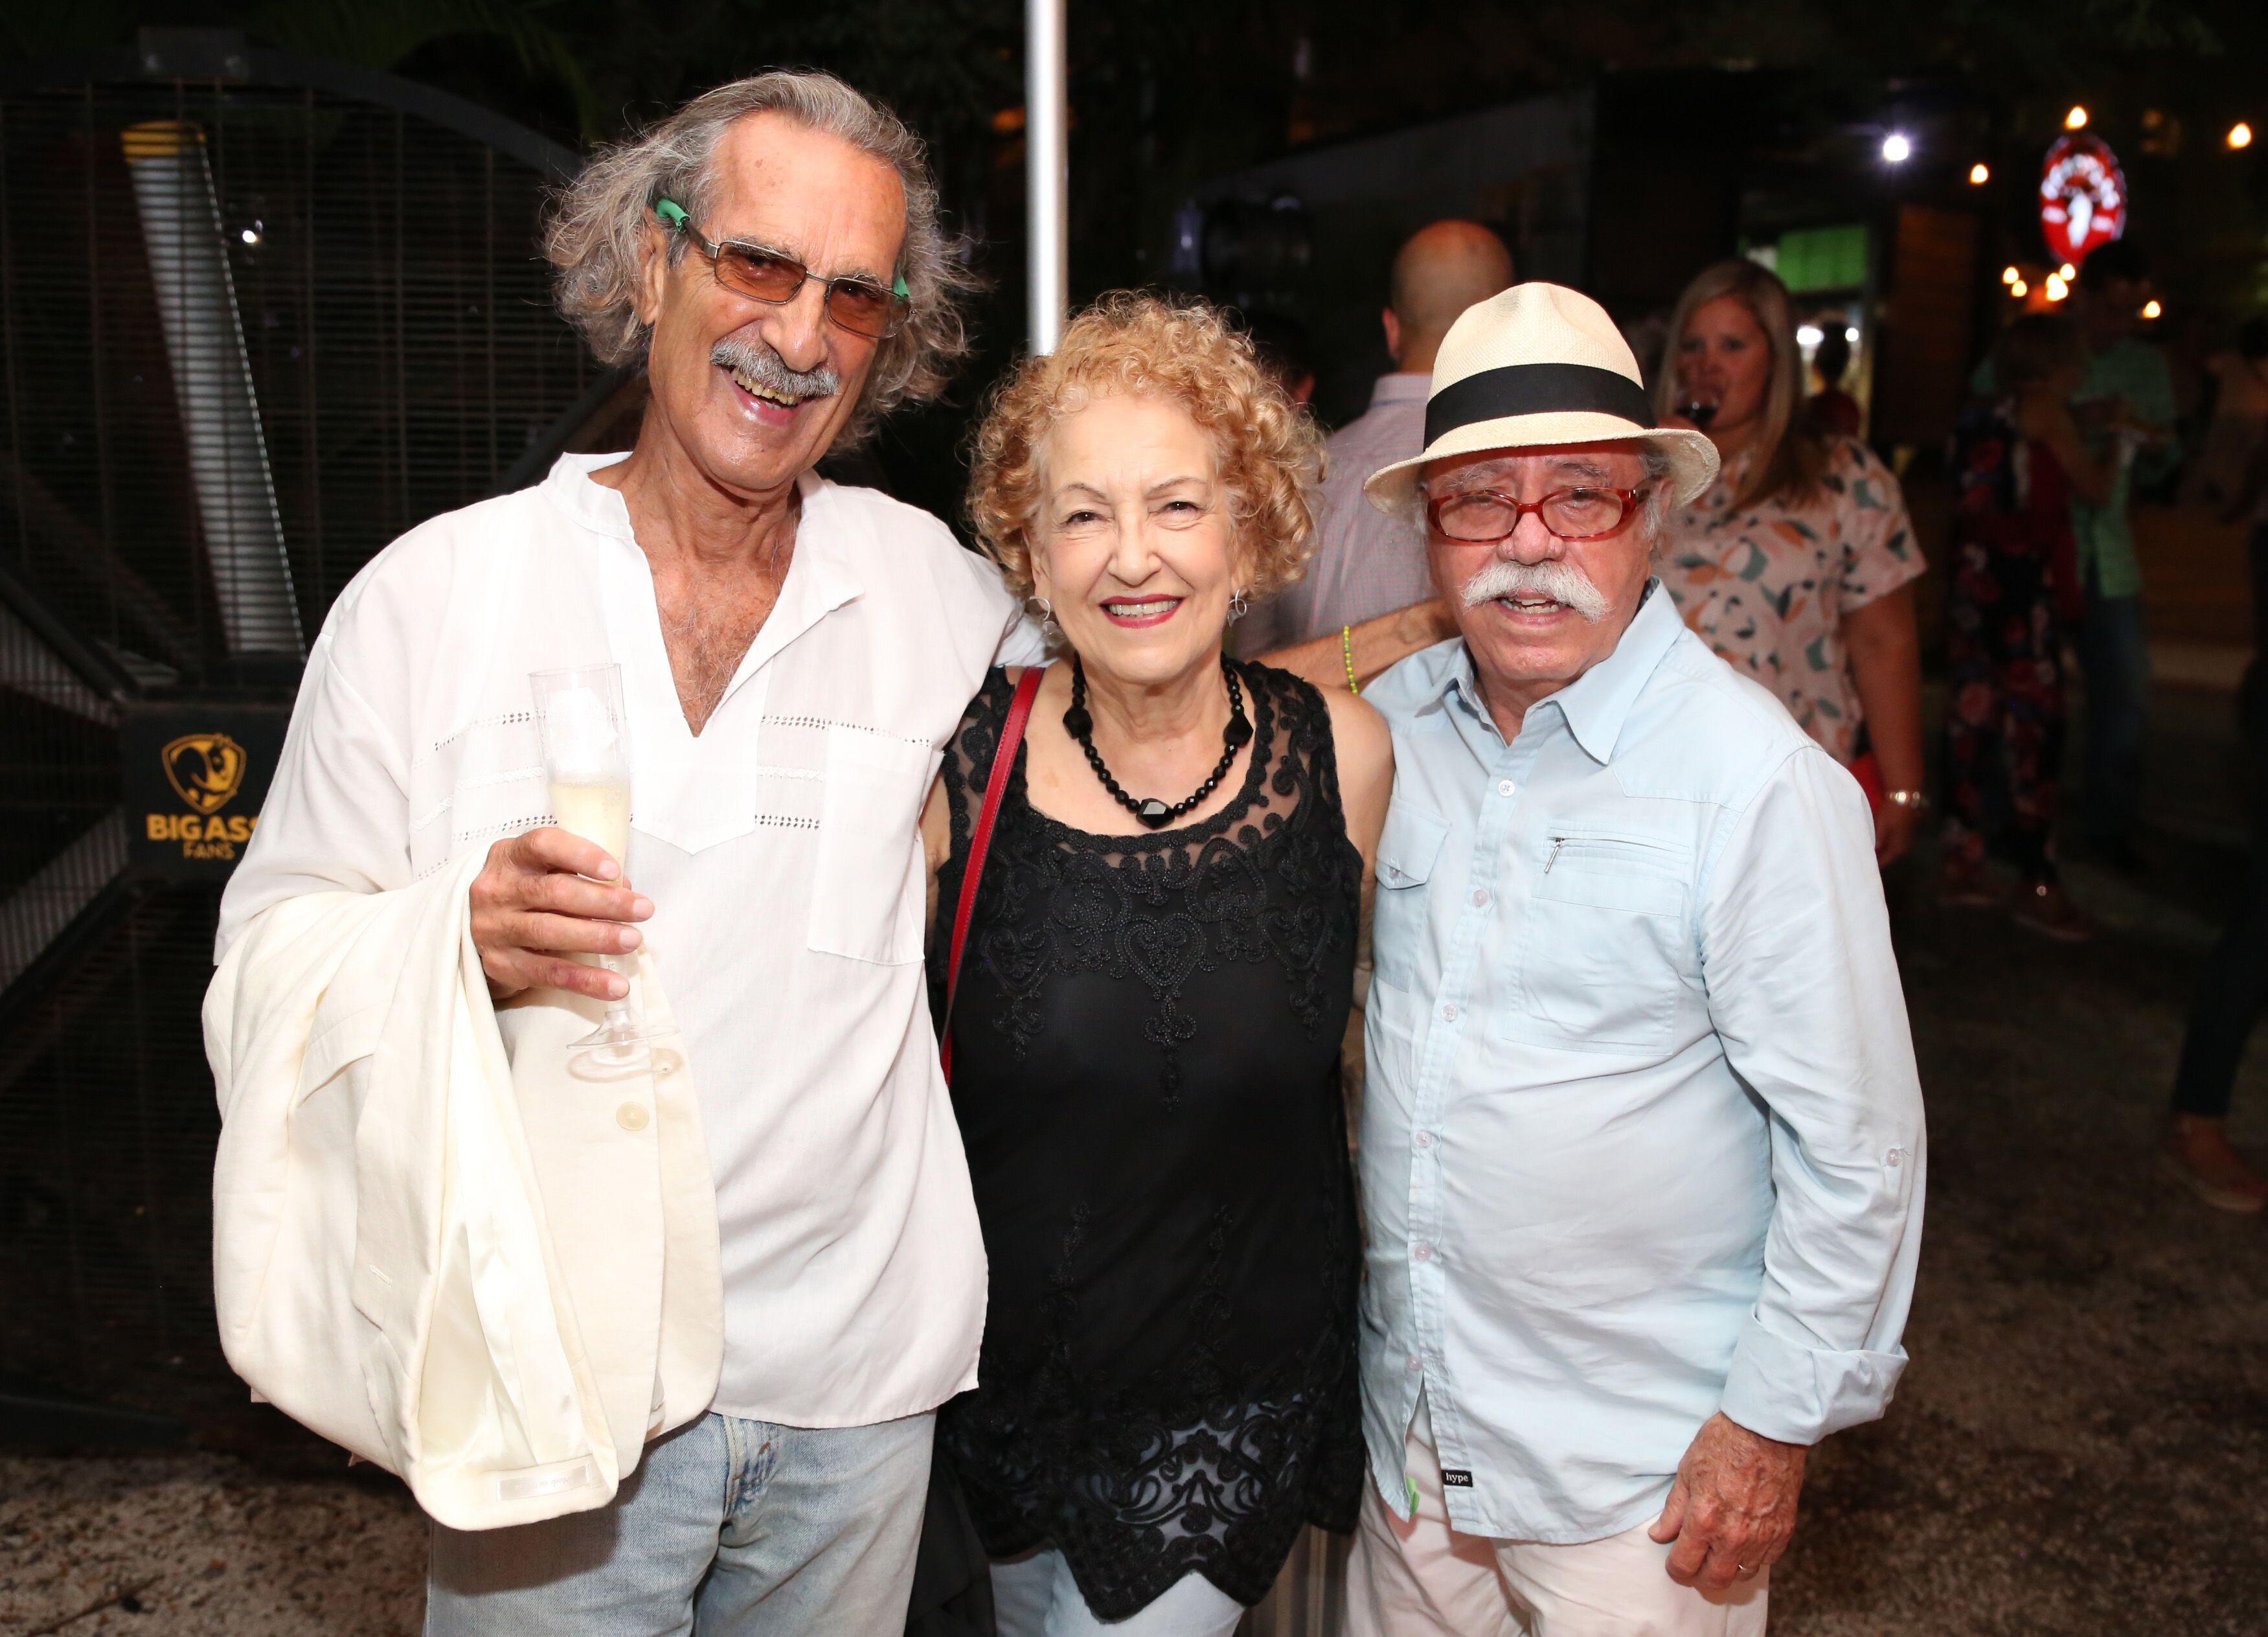 Figuras del cine como Diego de la Texera, Zoraida Sanjurjo y Luis Antonio Rosado se dieron cita en el festival. (Suministrada)